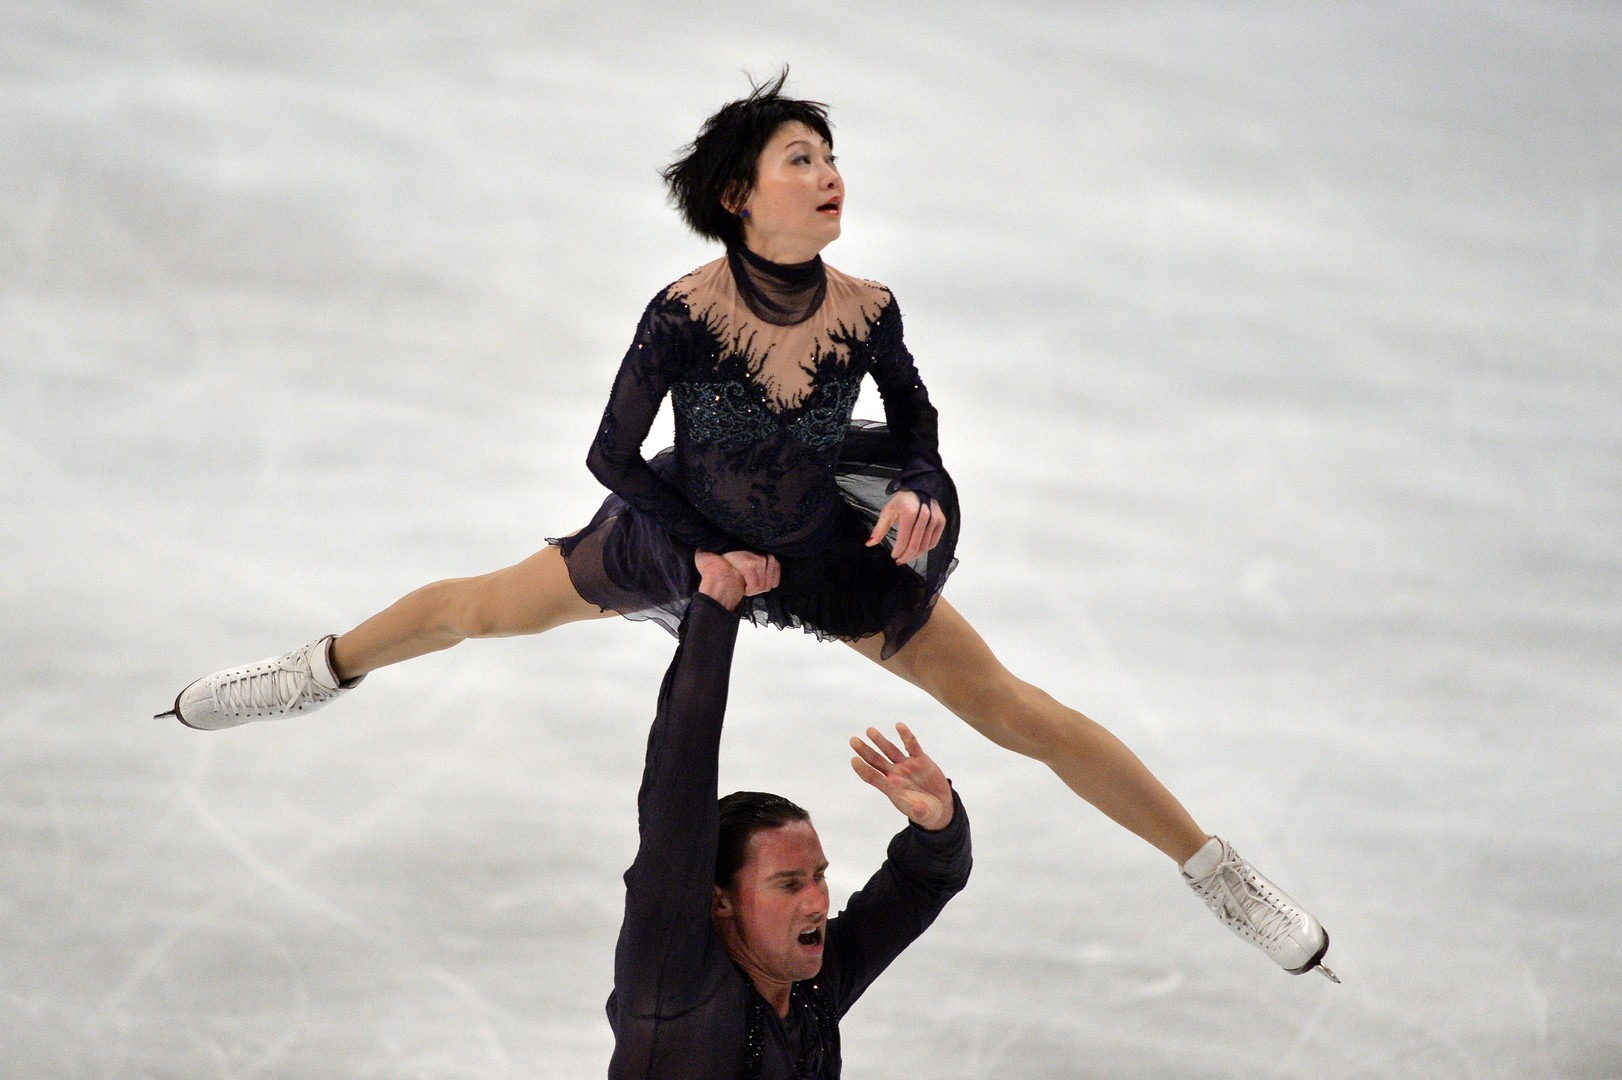 بالصور.. روسيا تهيمن على بطولة أوروبا للتزحلق على الجليد